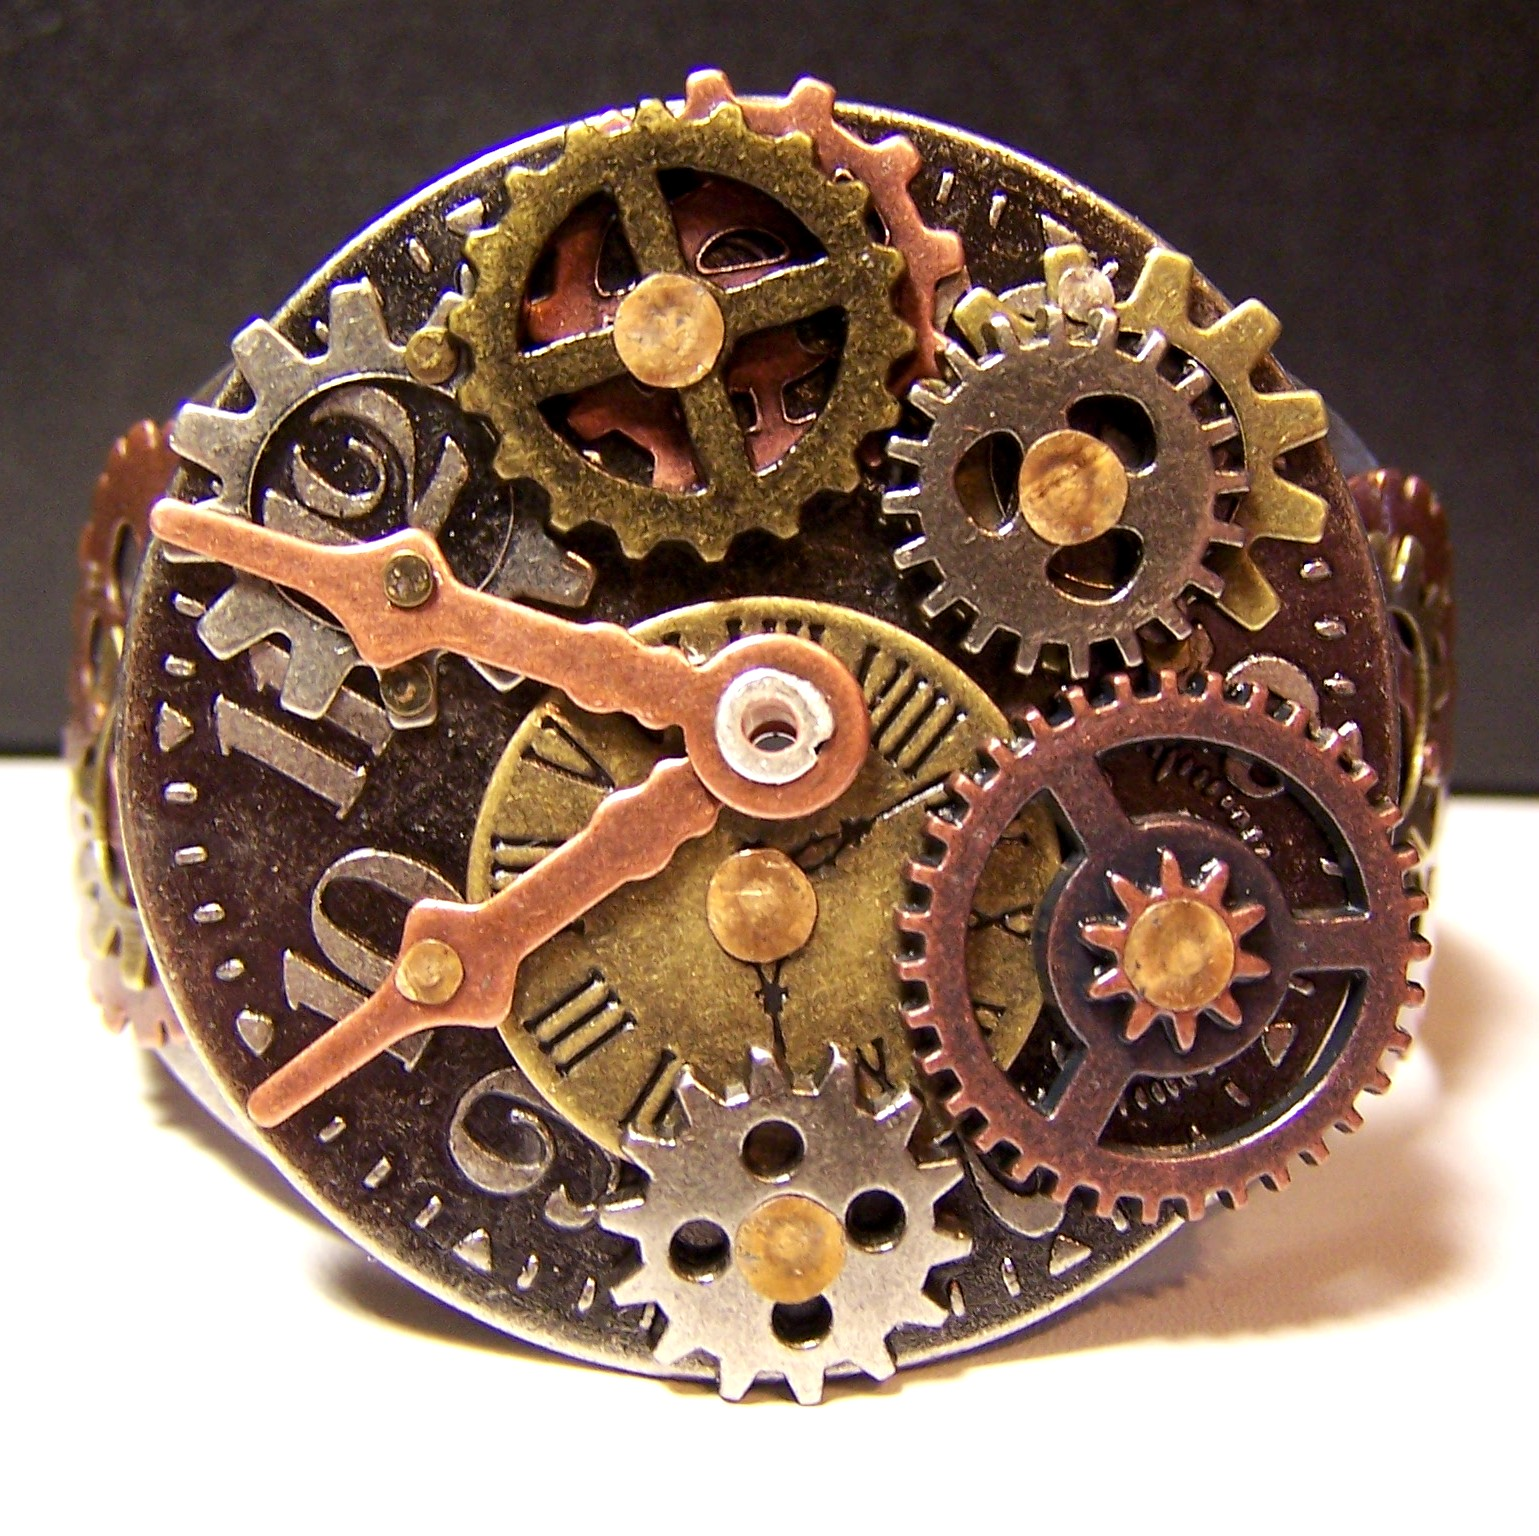 Old Clock Gears : Zen creations jewelry gears clocks and gemstones